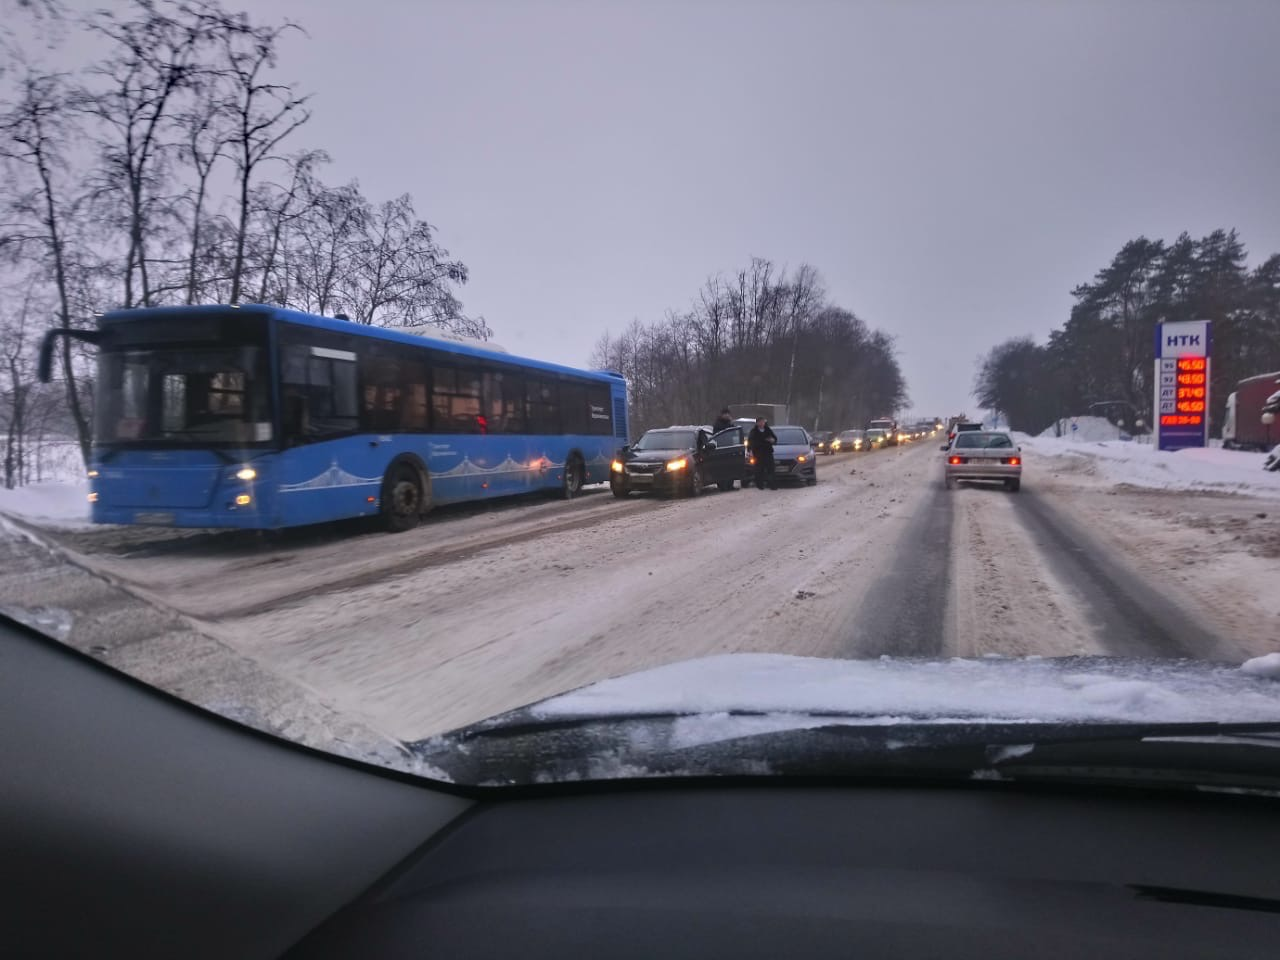 В Твери из-за столкновения автобуса и легковушки образовалась пробка на въезде в город - новости Афанасий